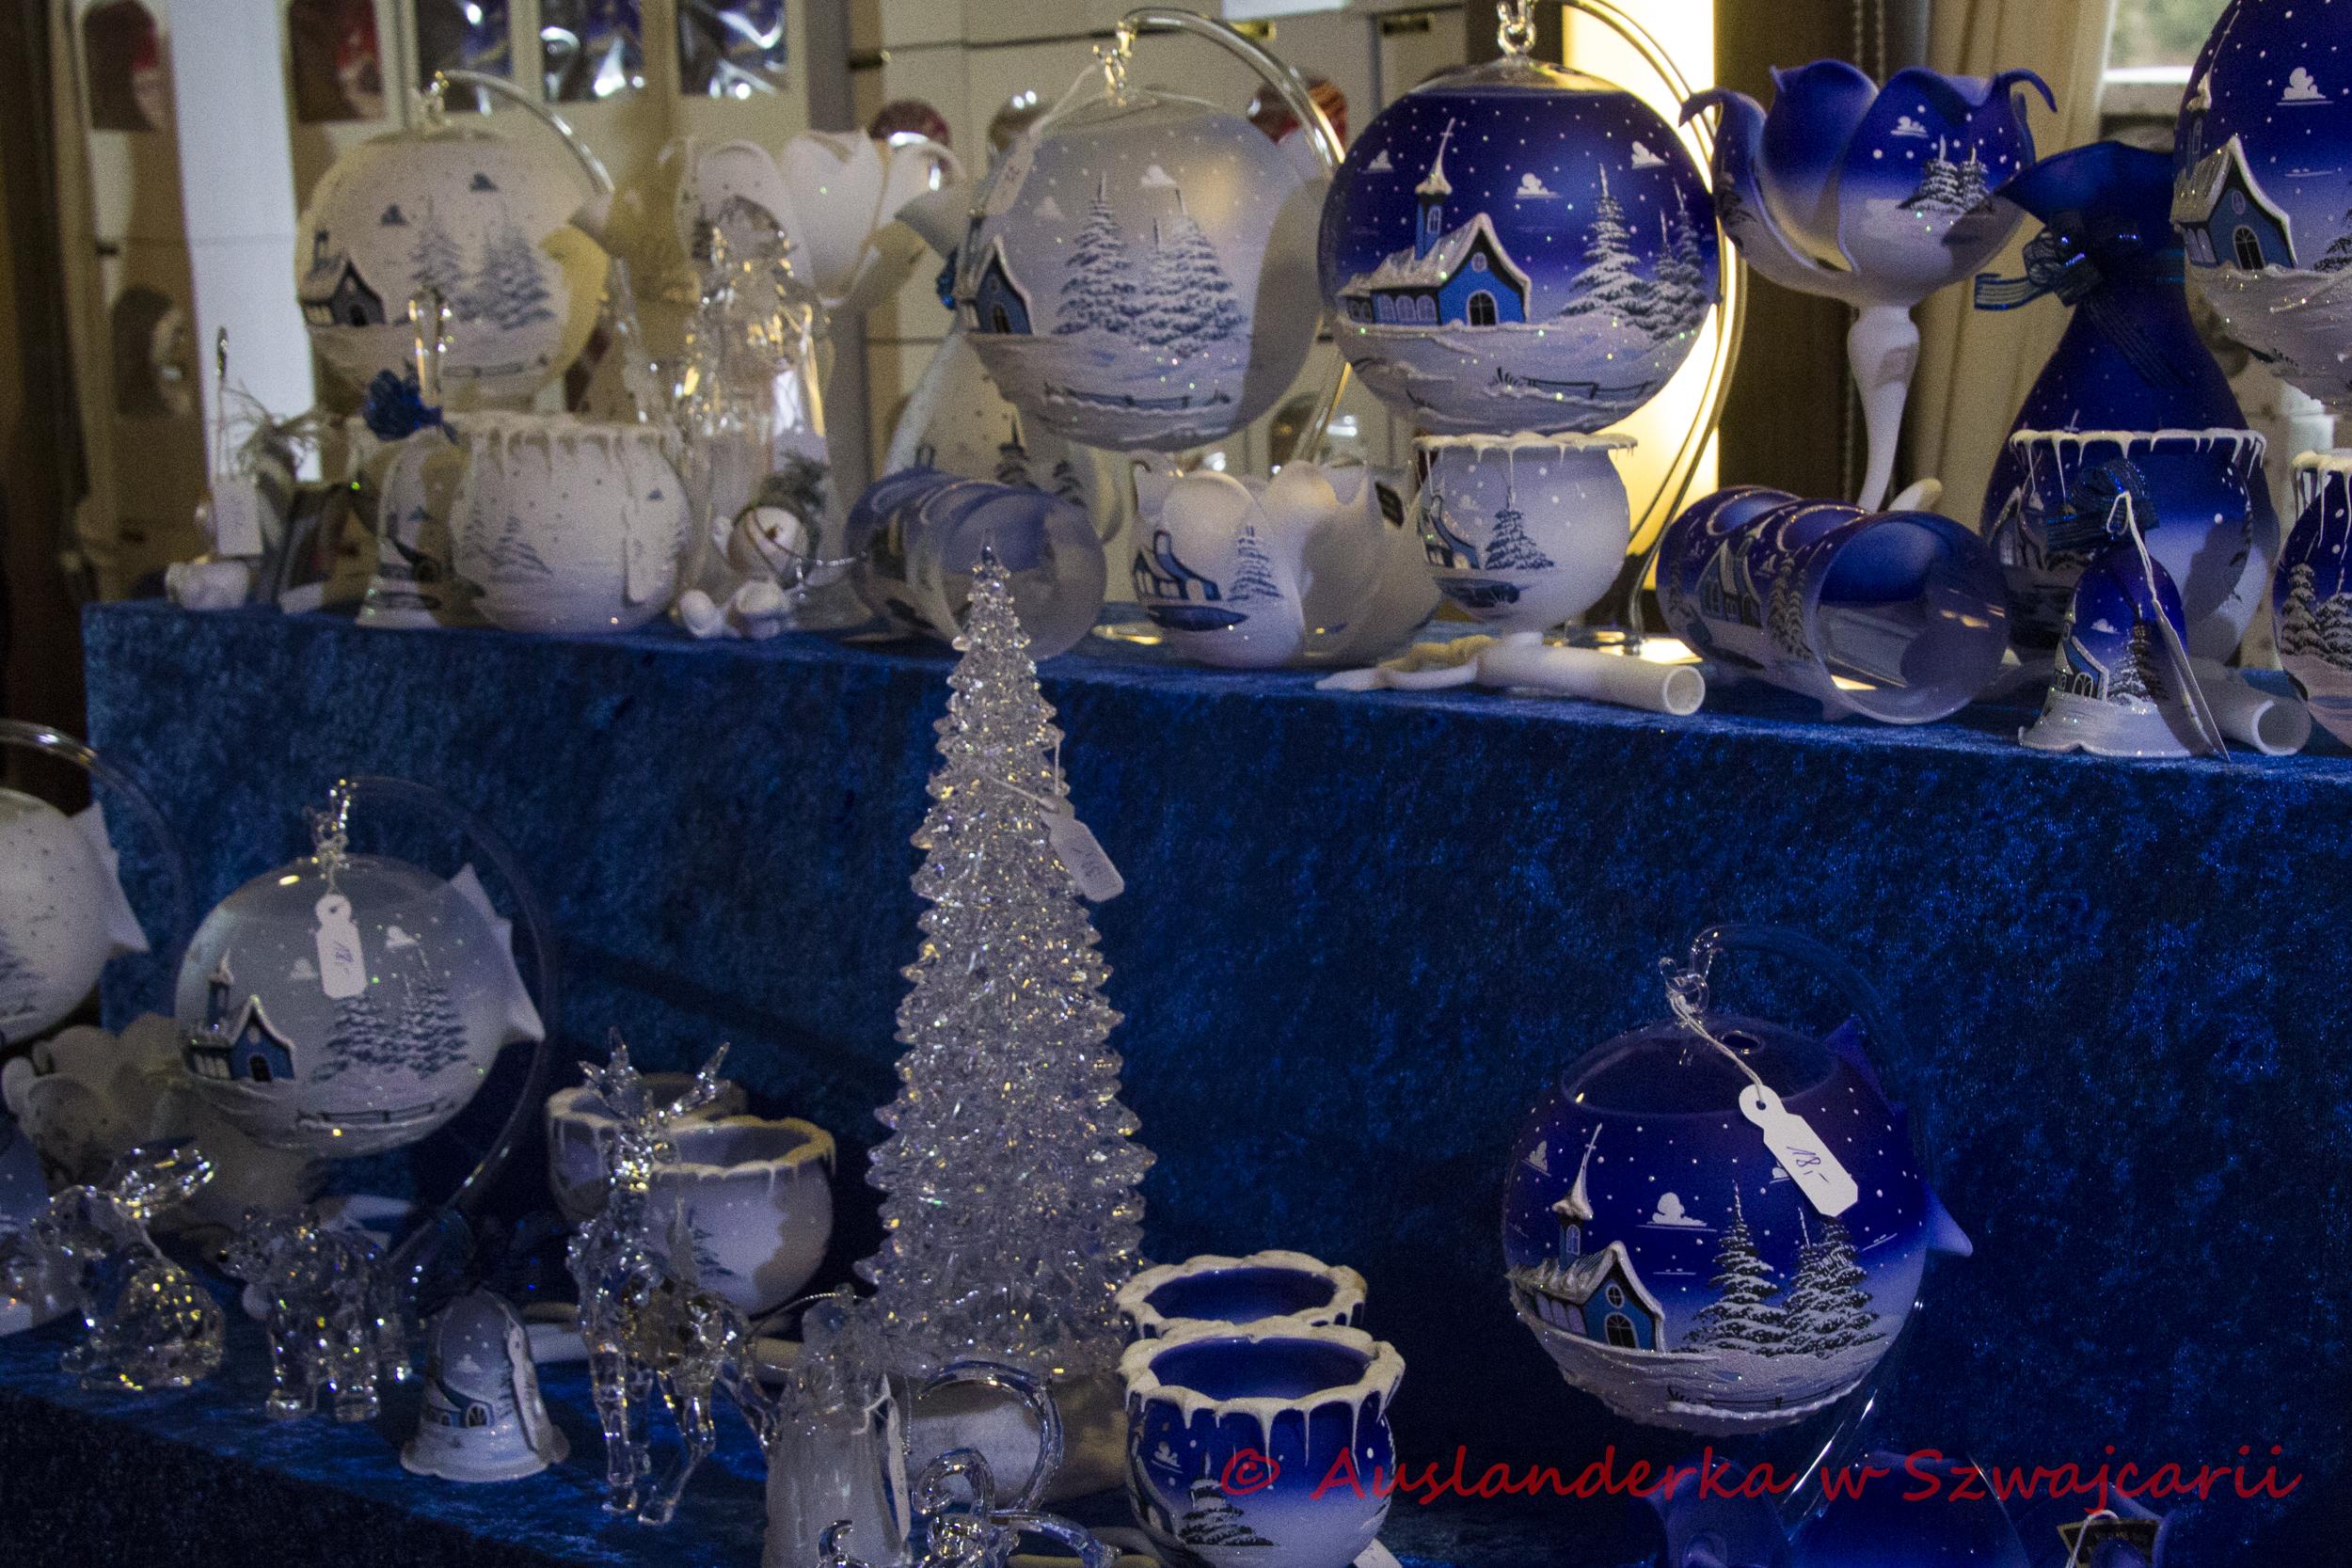 20161210_weihnachtsmarkt_konstanz_joannarutkoseitler_12